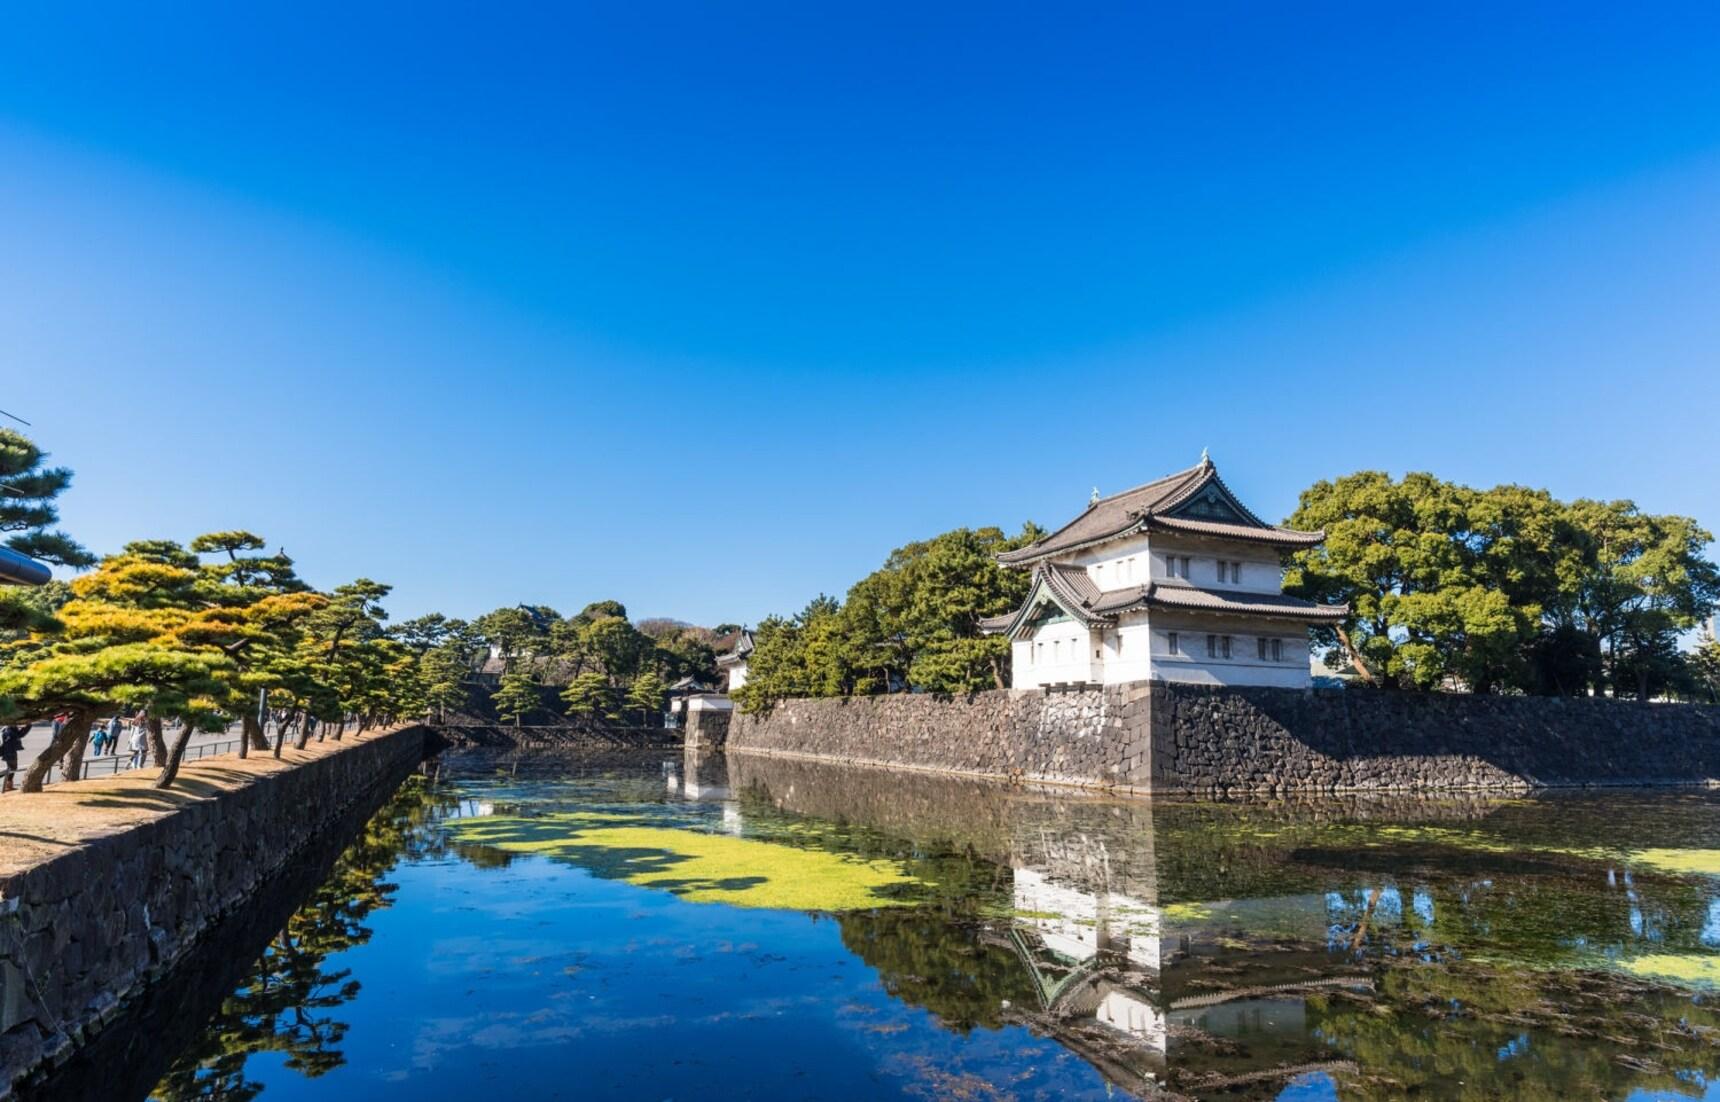 7 สถานที่ใน Tokyo ที่มี 0 เยนก็เที่ยวได้